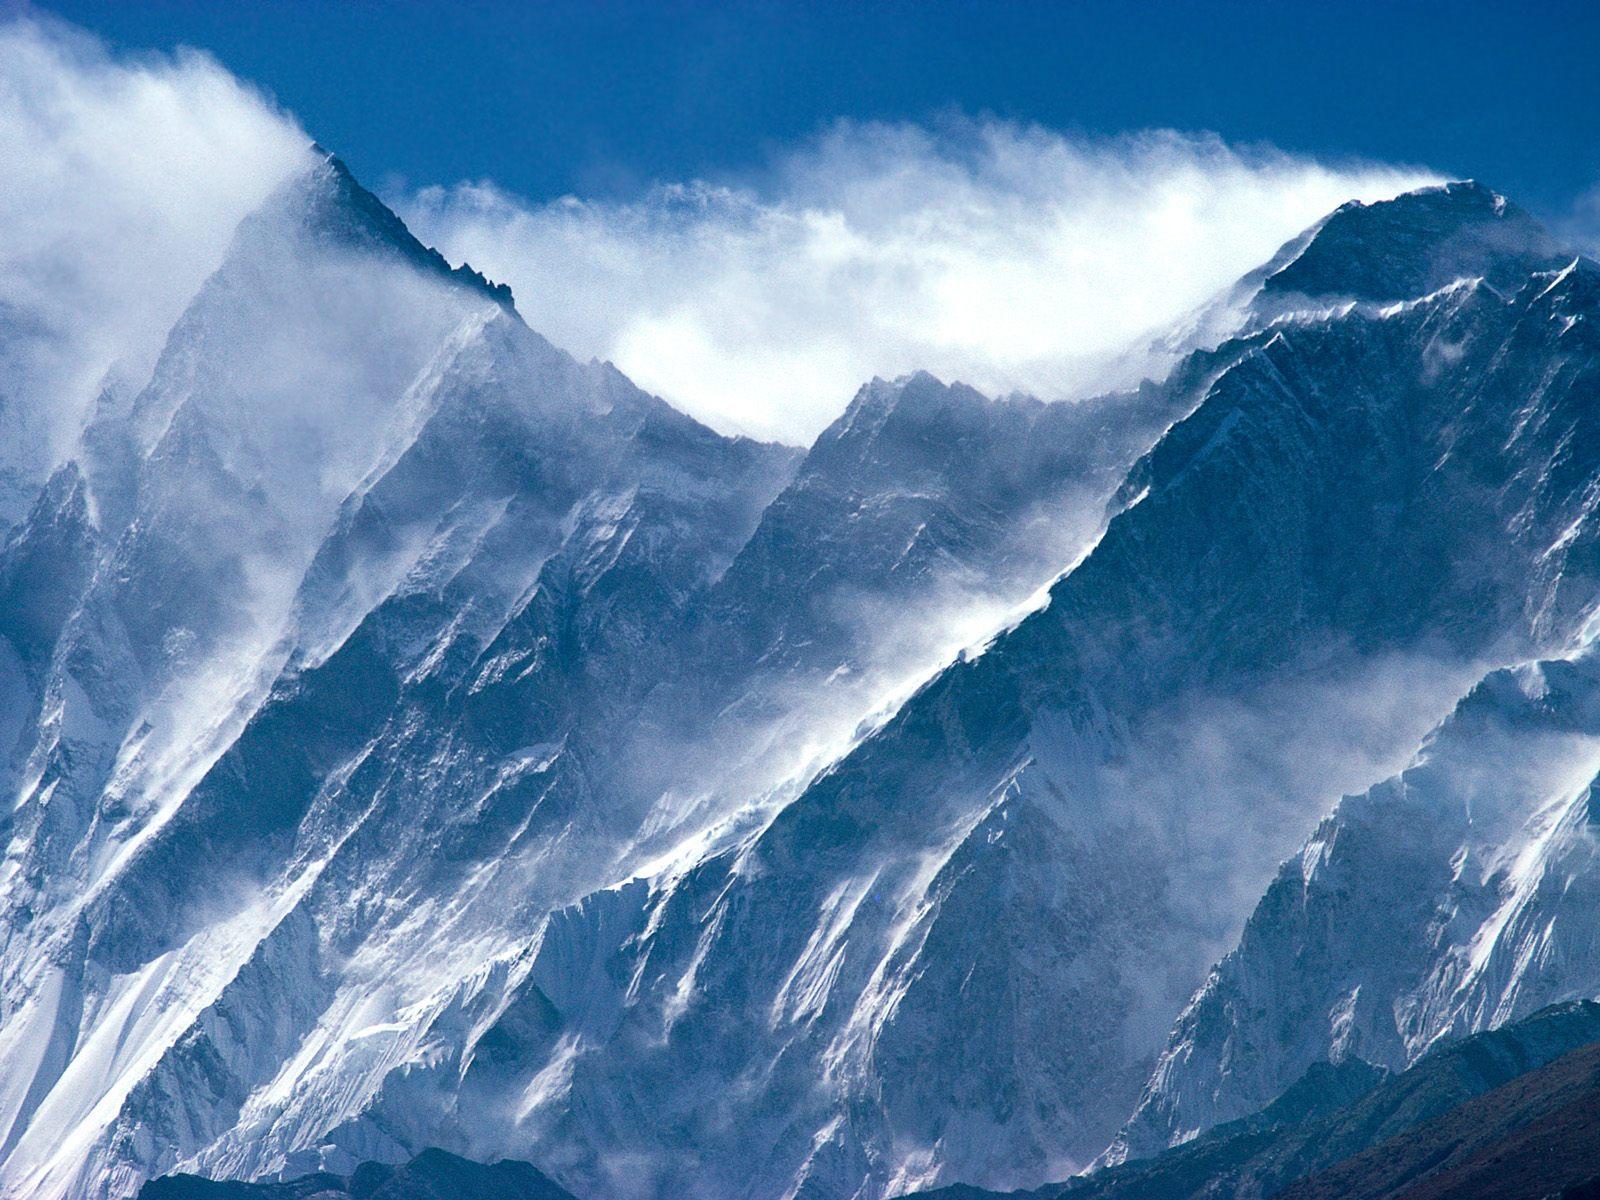 Top 1000 wallpapers blog Wallpapers himalaya 1600x1200